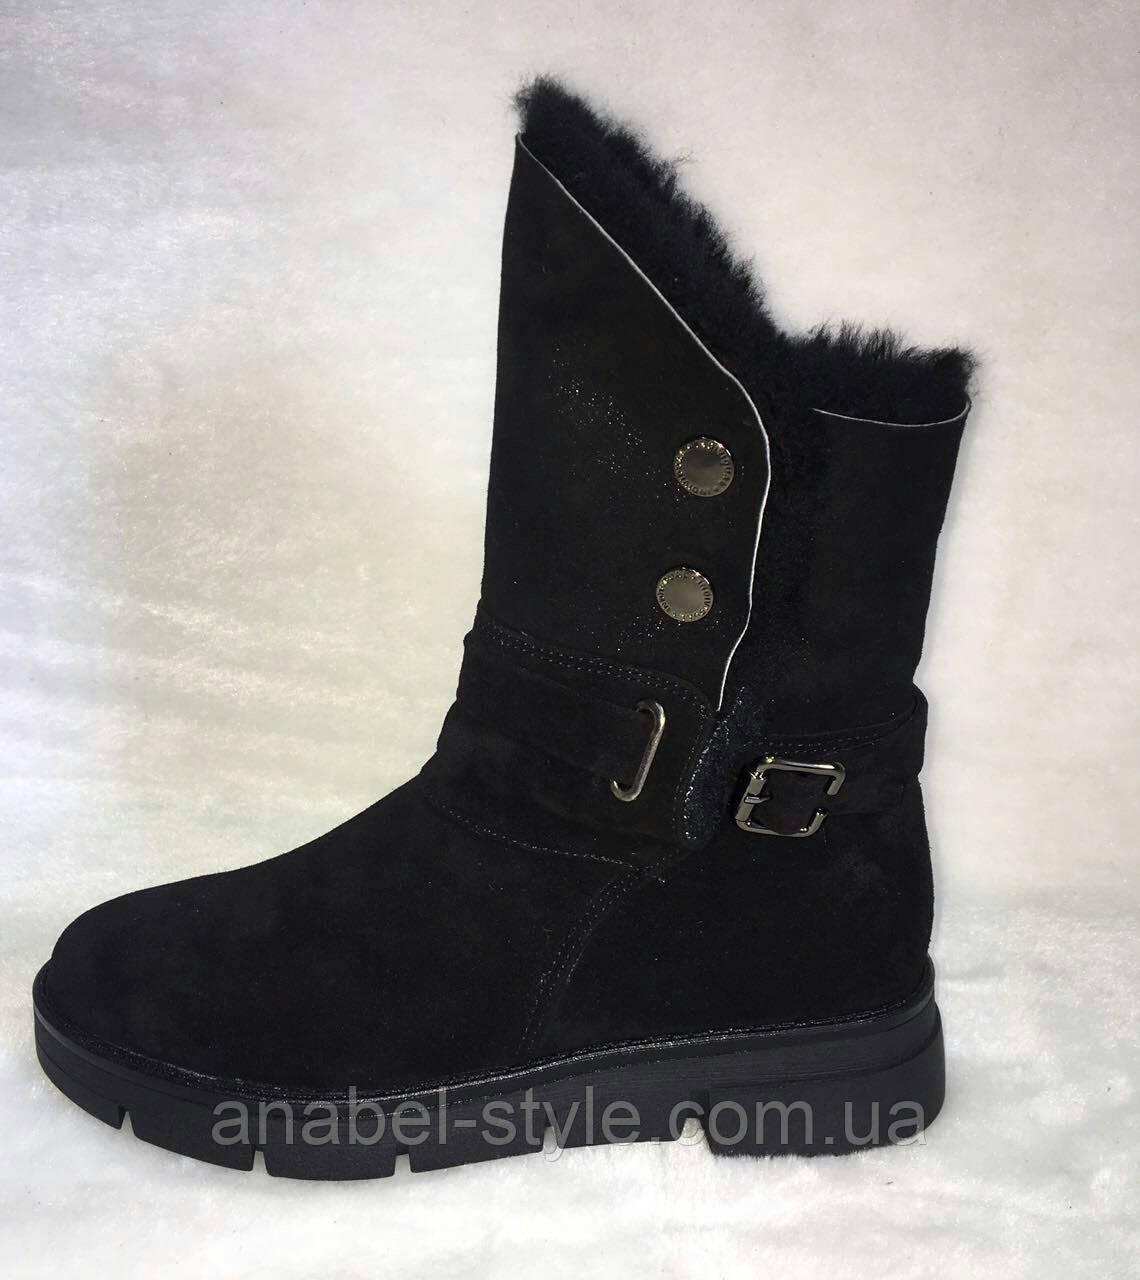 Півчобітки жіночі зимові натуральна замша чорного кольору Код 942